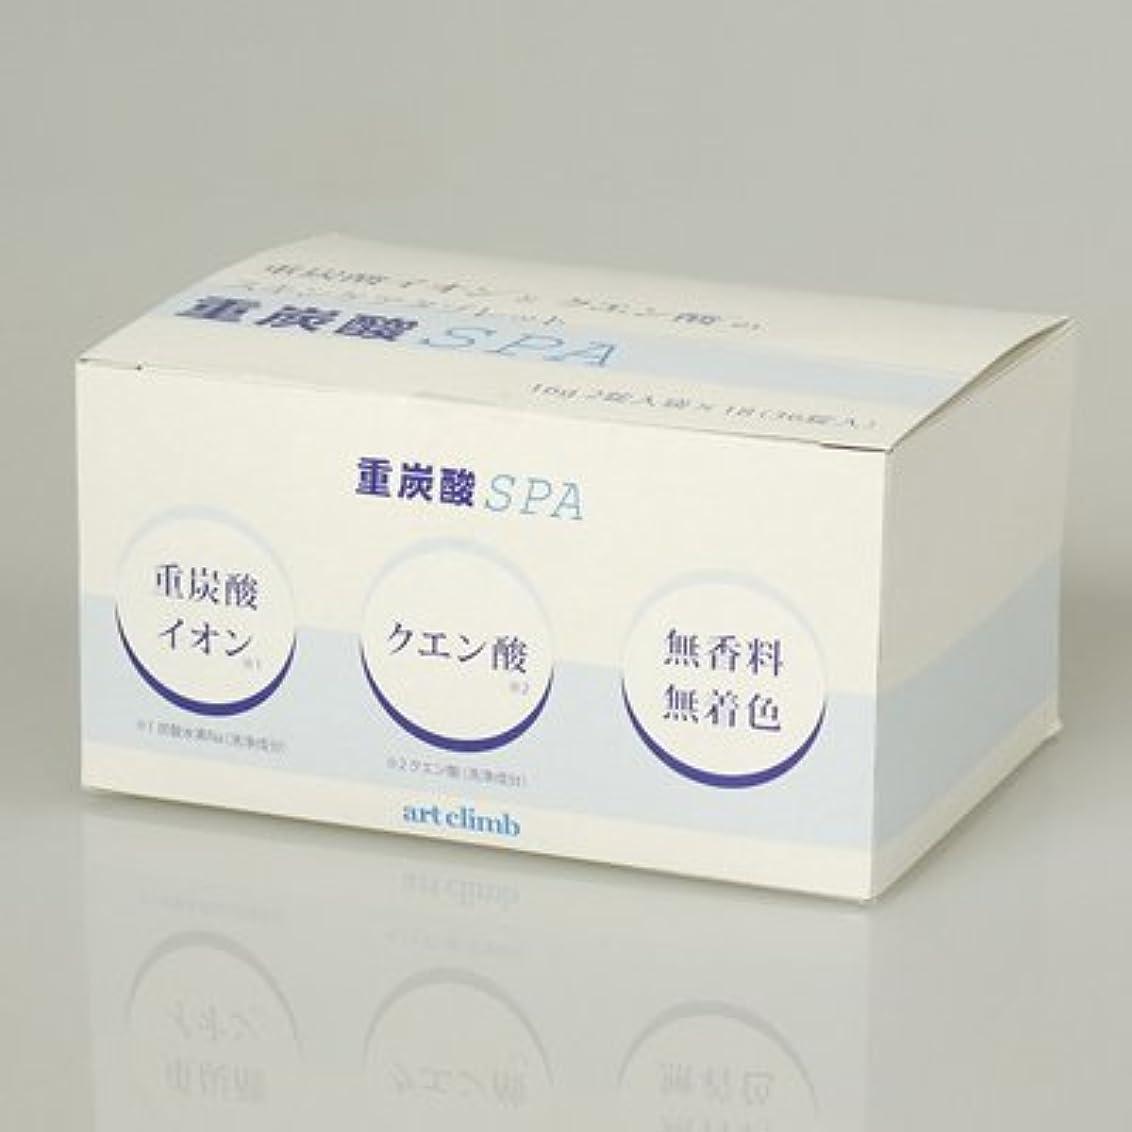 ジョガー懐桁重炭酸SPA16g 36錠【2個セット】